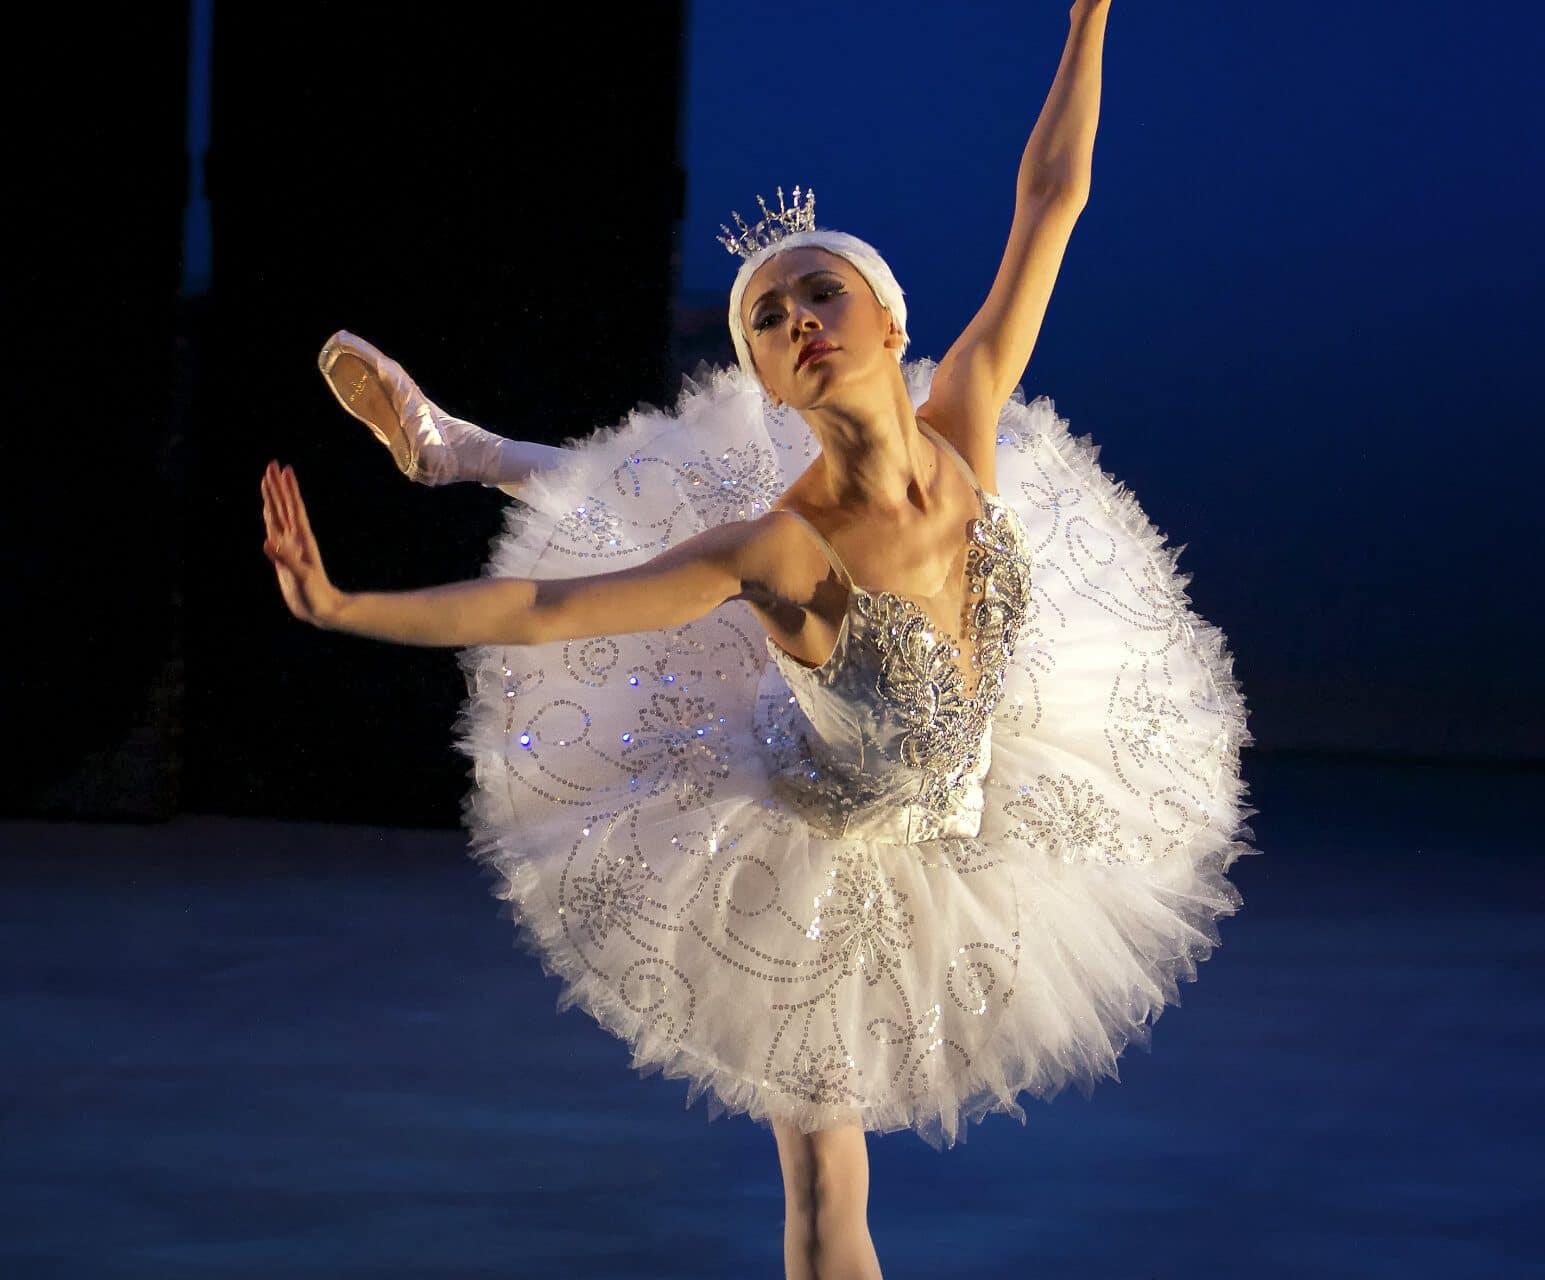 Saniya-Abilmajineva-Photo-by-Kevin-Vagg